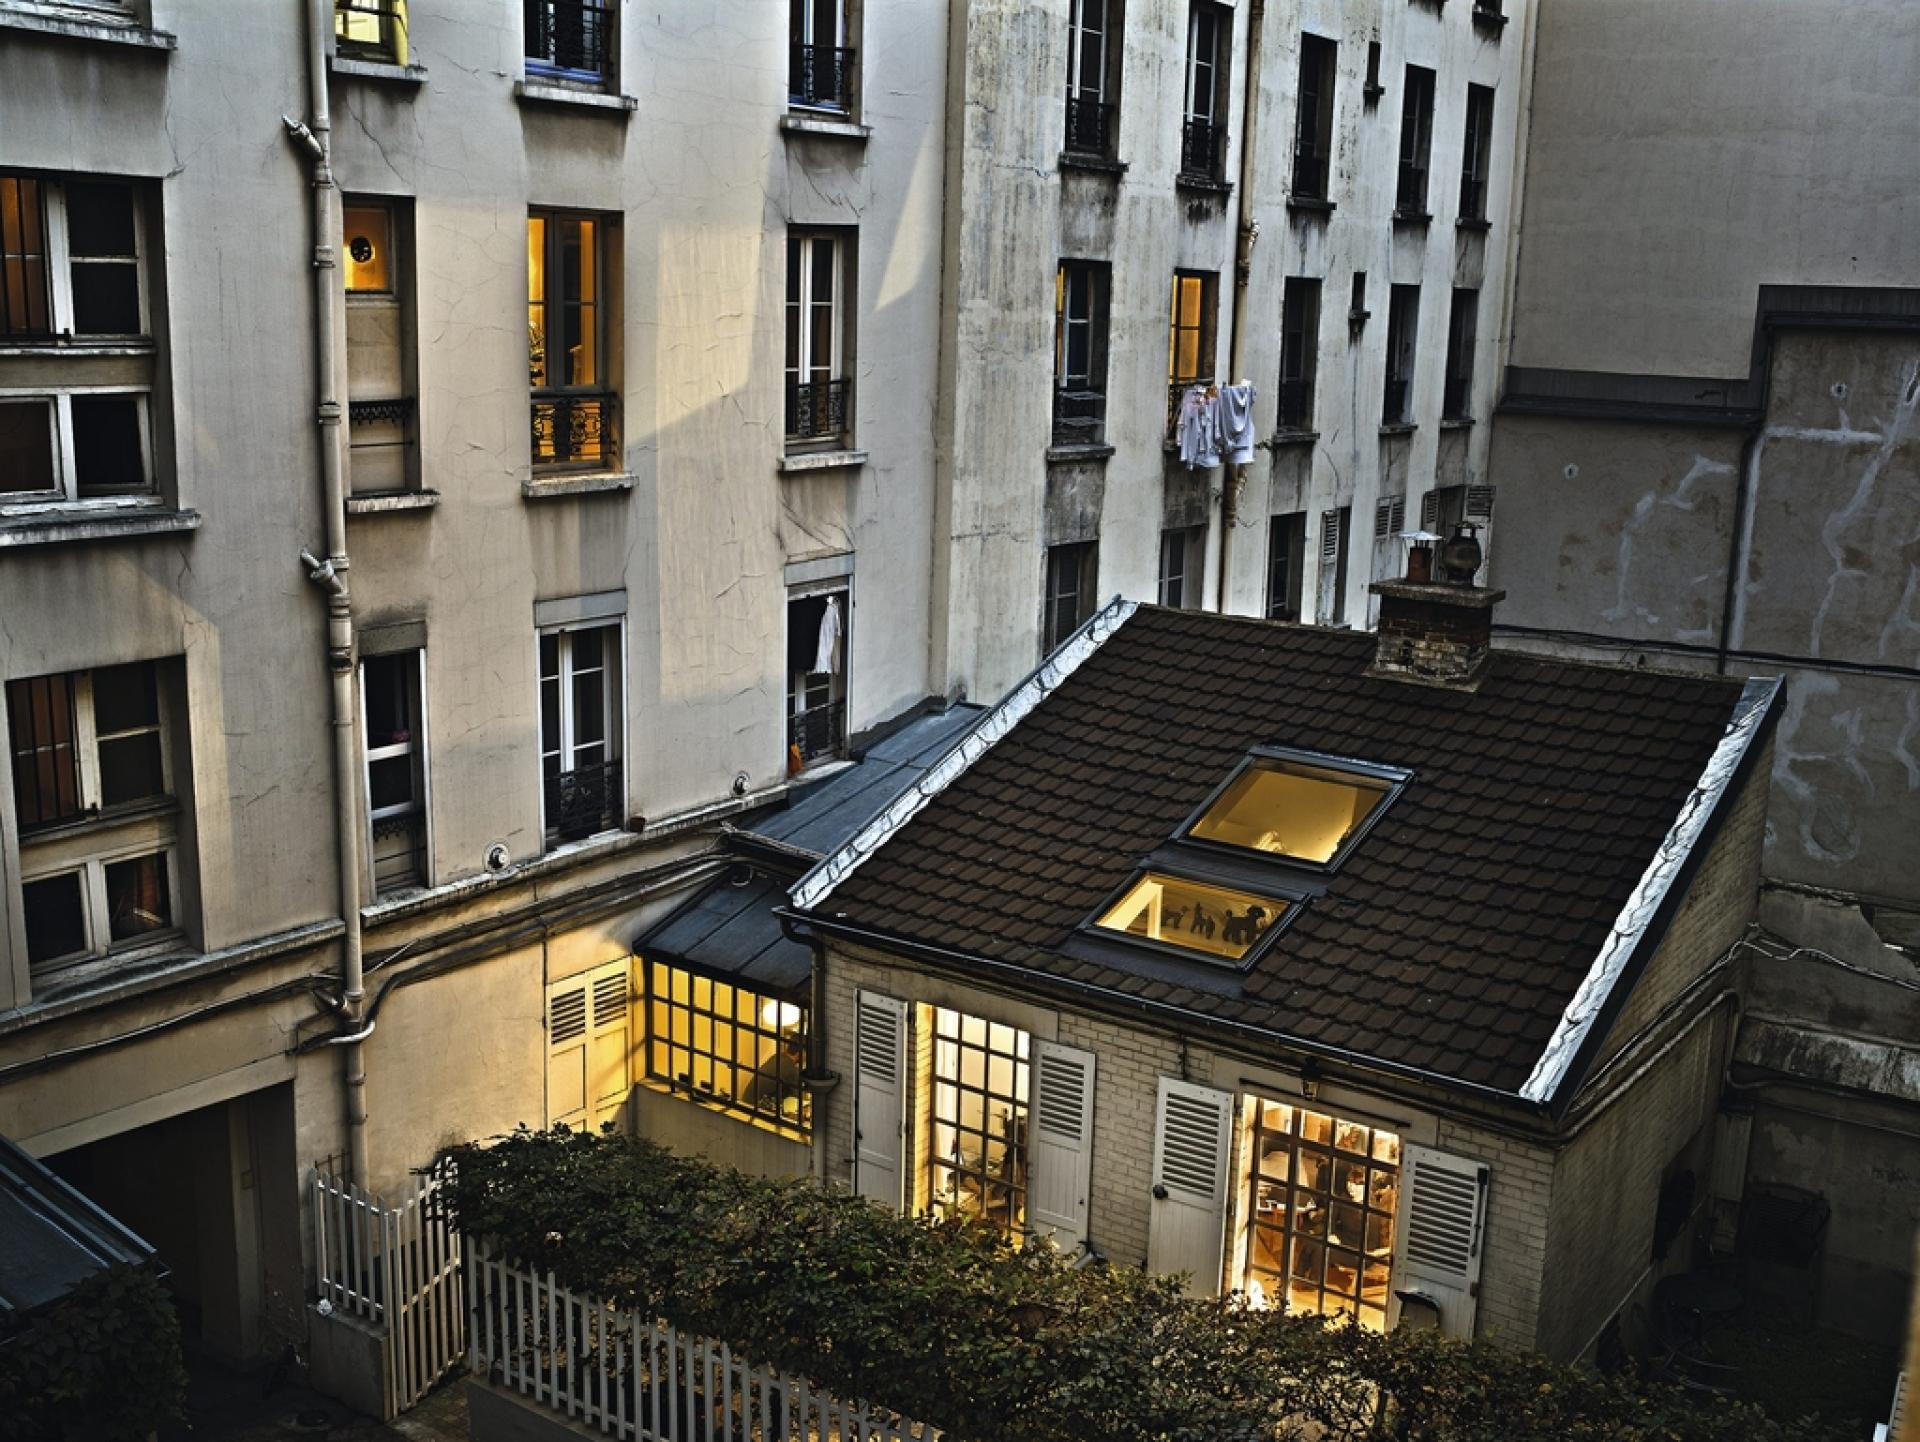 30 octobre 2012, rue de l'Ourcq, Paris 19e.